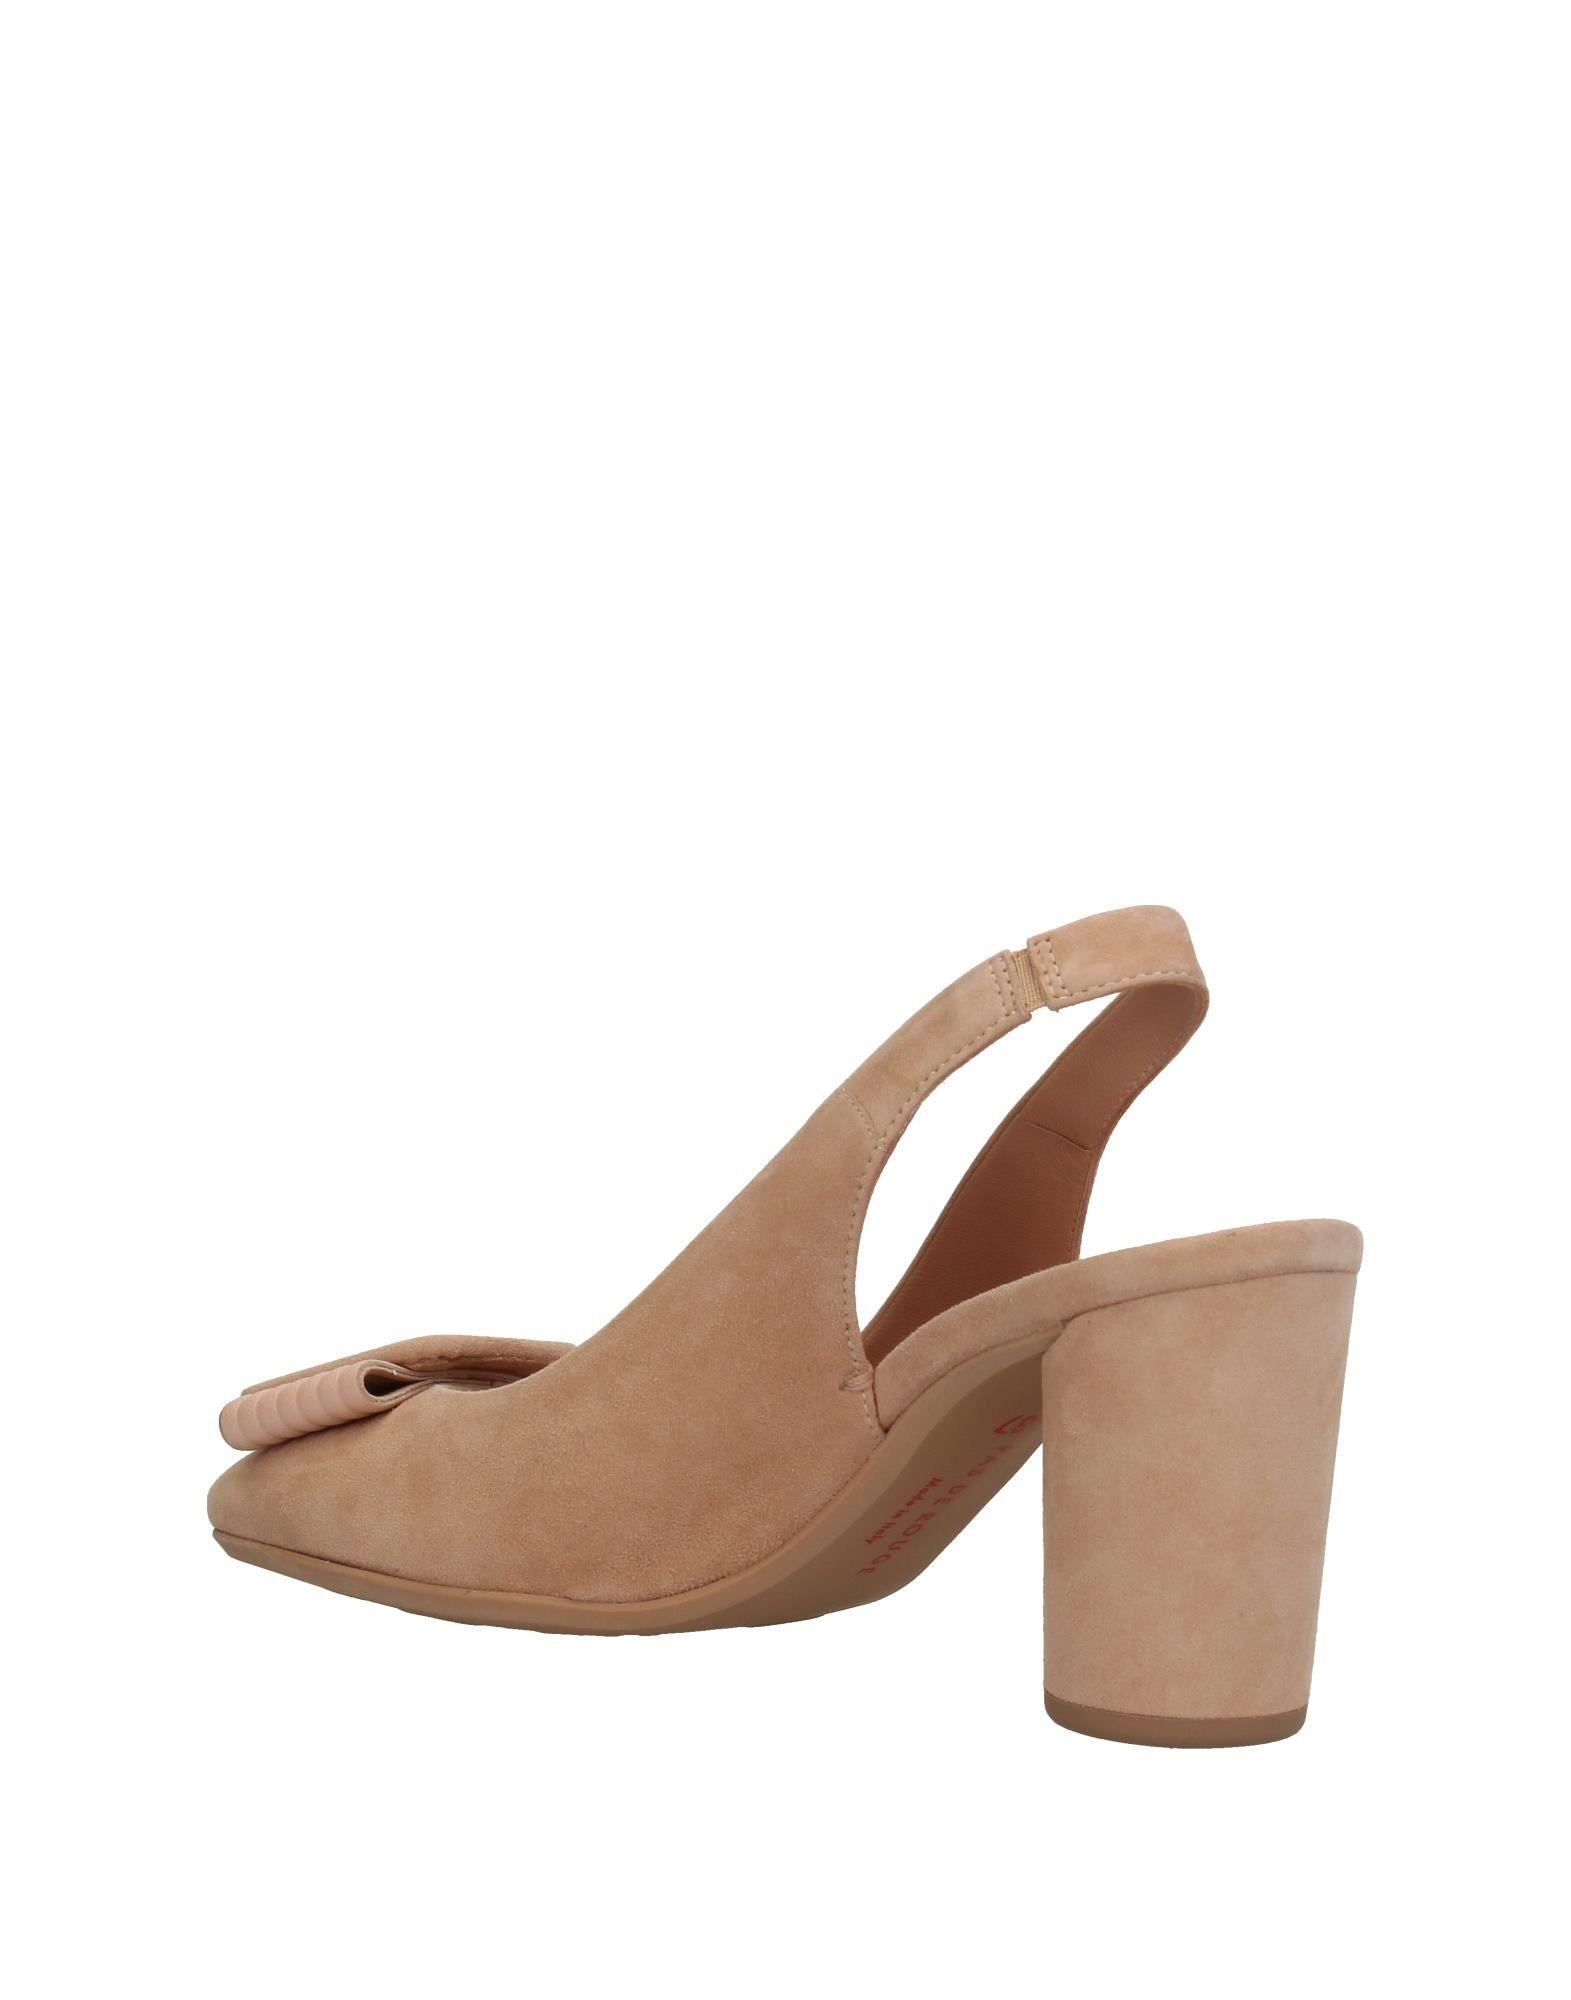 Pas  De Rouge Pumps Damen  Pas 11385567LU Gute Qualität beliebte Schuhe 5a462a